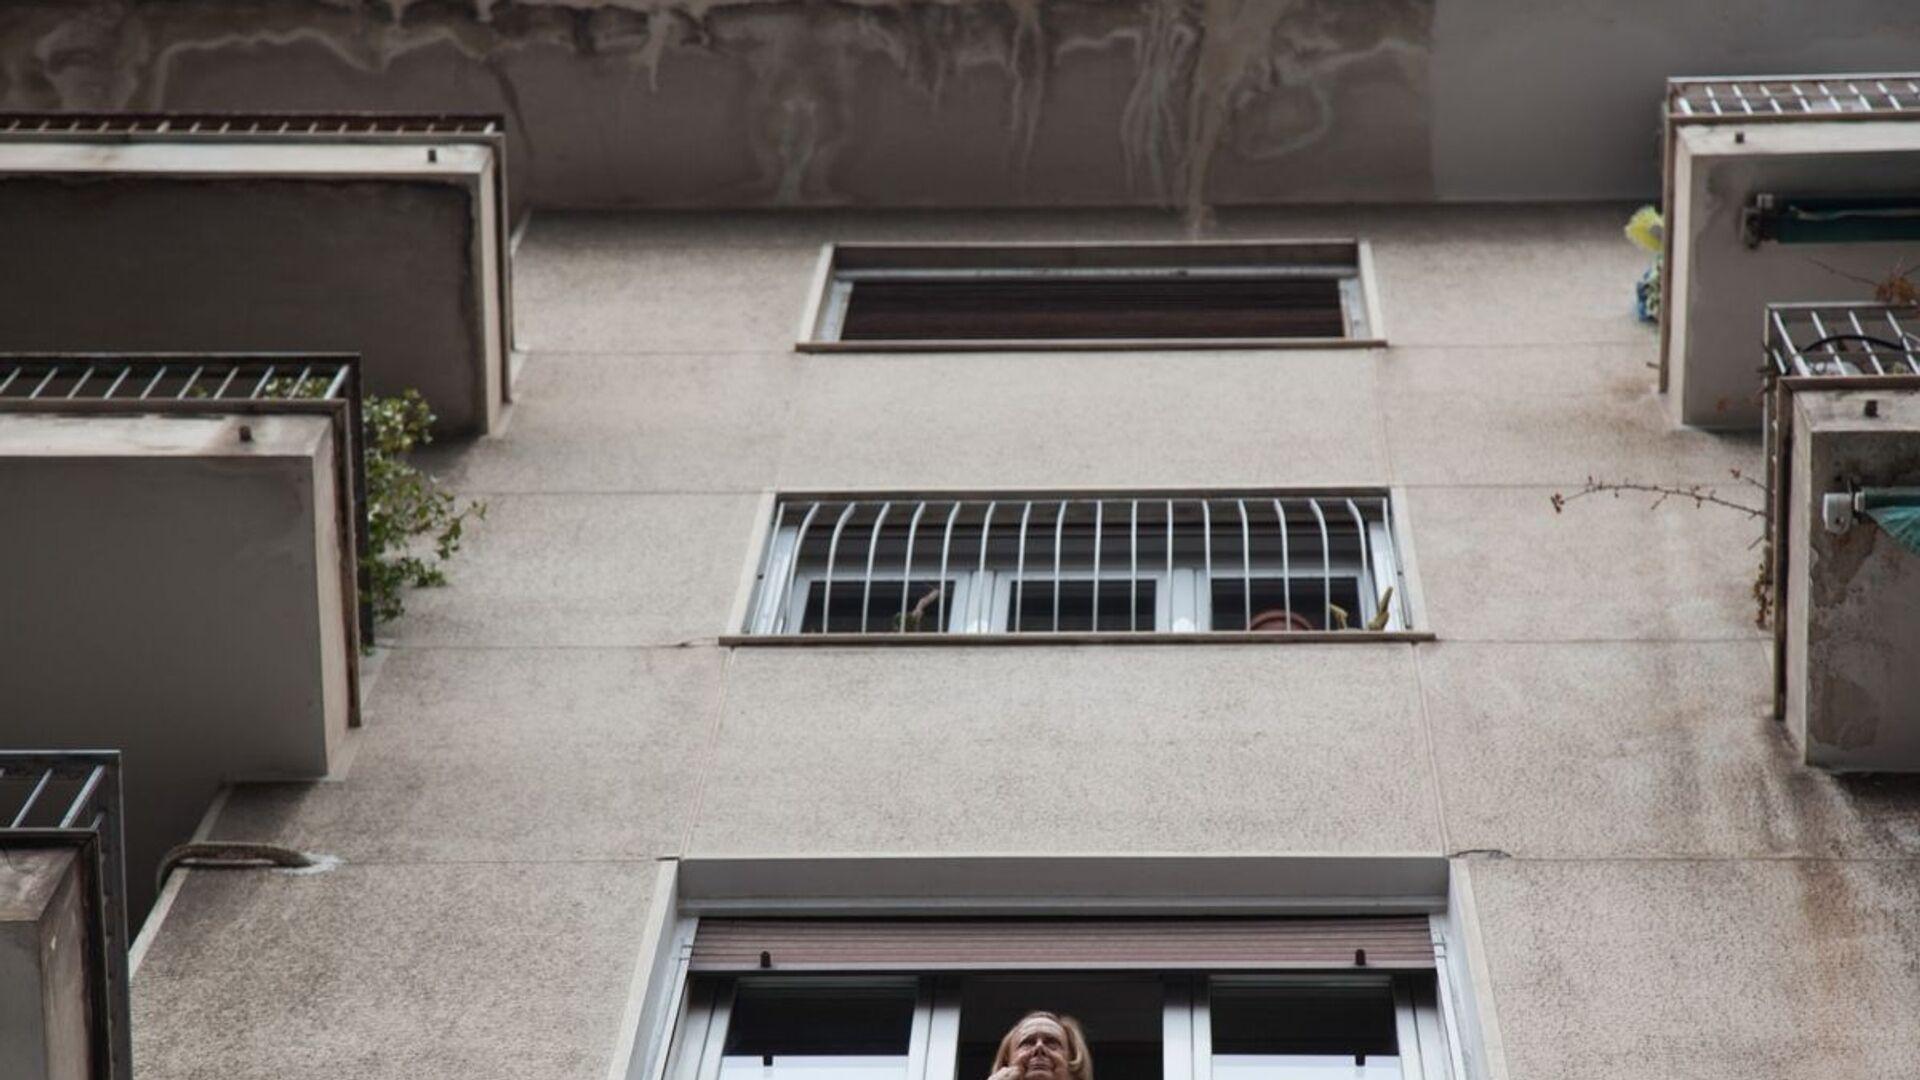 Σπίτι στην Κυψέλη - Sputnik Ελλάδα, 1920, 15.09.2021